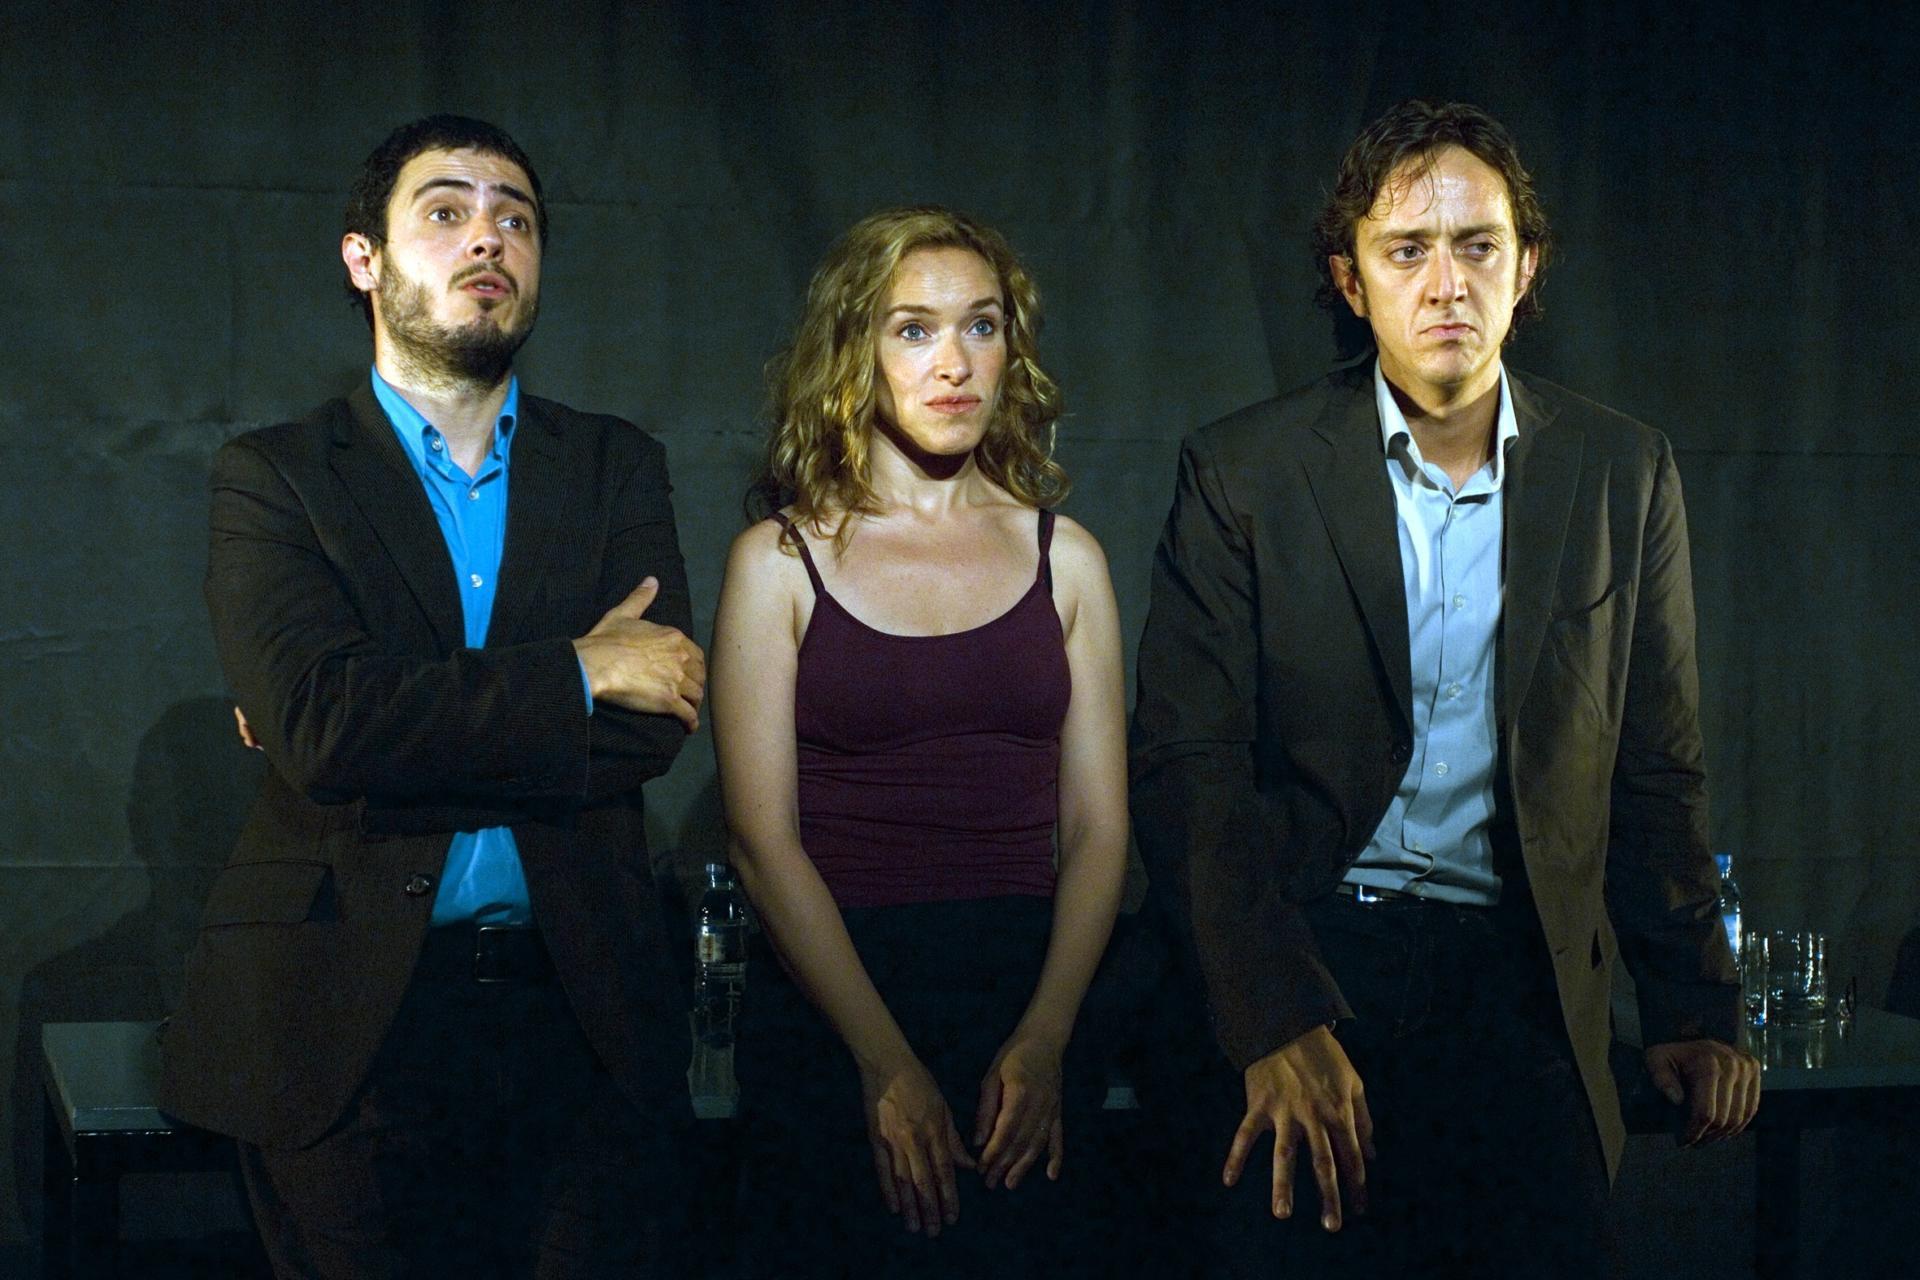 'La parte de los críticos' del '2666' de Roberto Bolaño que va portar a escena Àlex Rigola el 2007. Foto: Ros Ribas